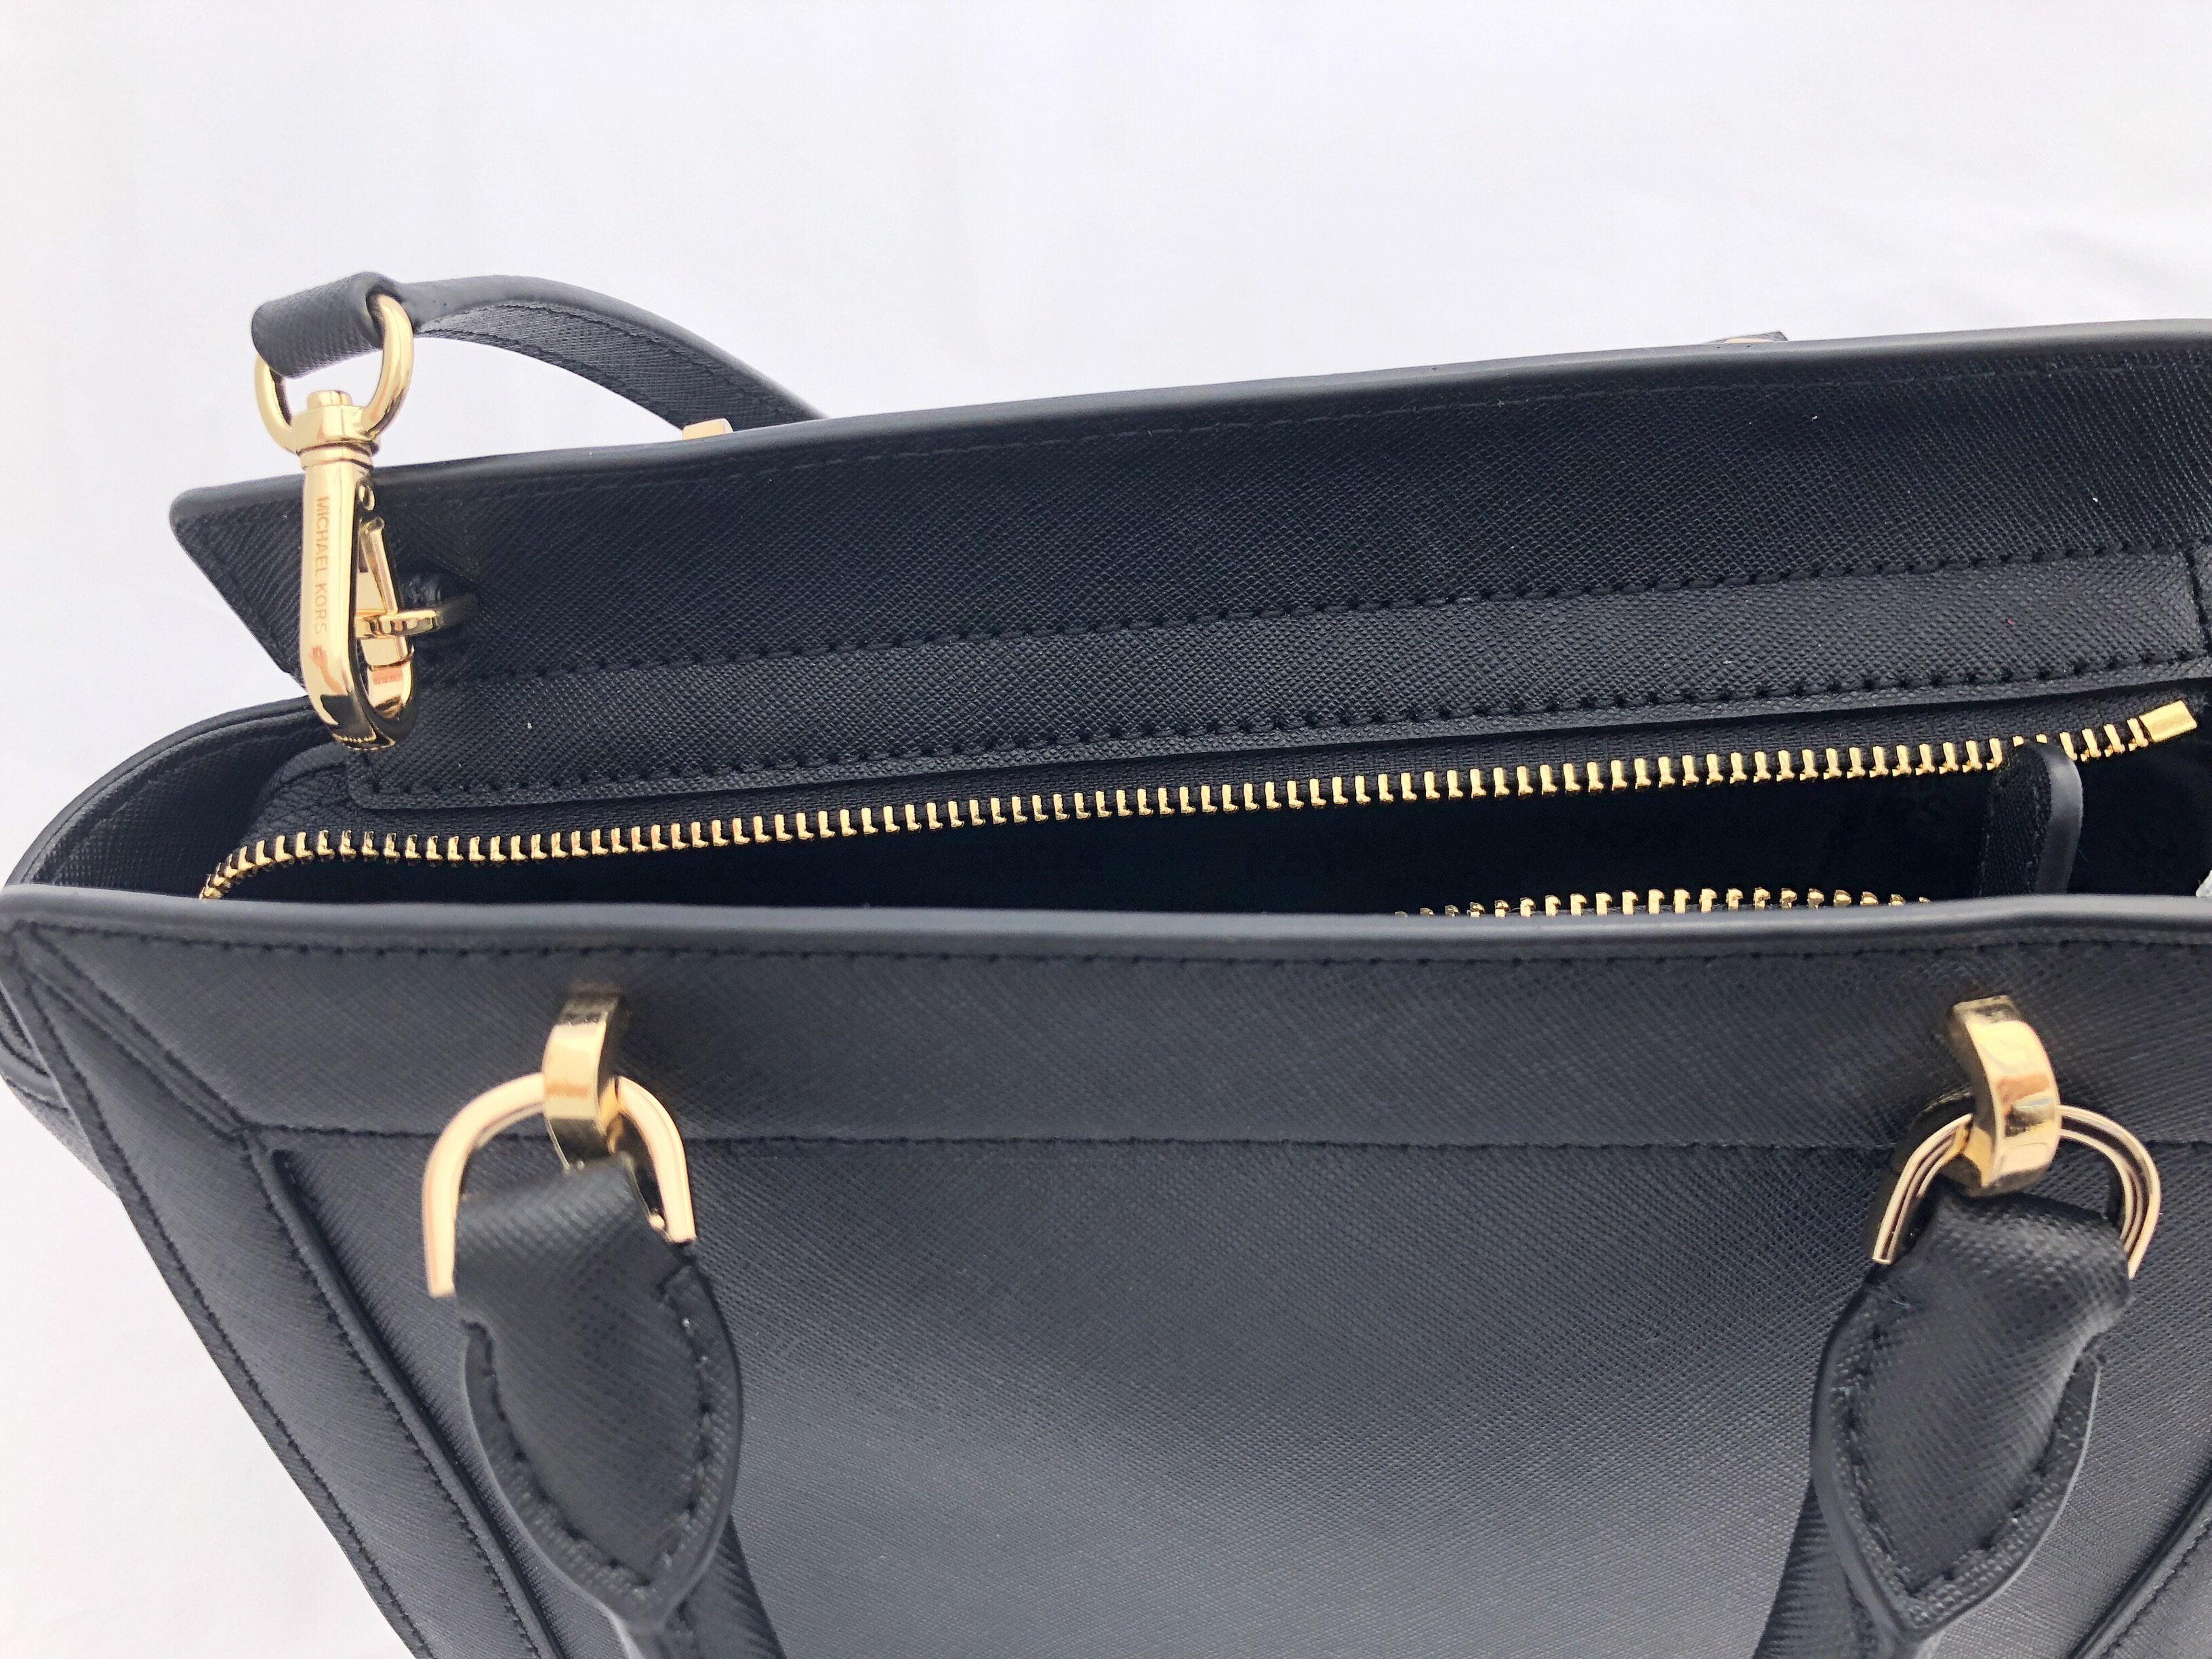 f6b9b5a8fccb3a Michael Kors - NWT Michael Kors Tina Small Top Zip Satchel Handbag  Crossbody Black Messenger - Walmart.com